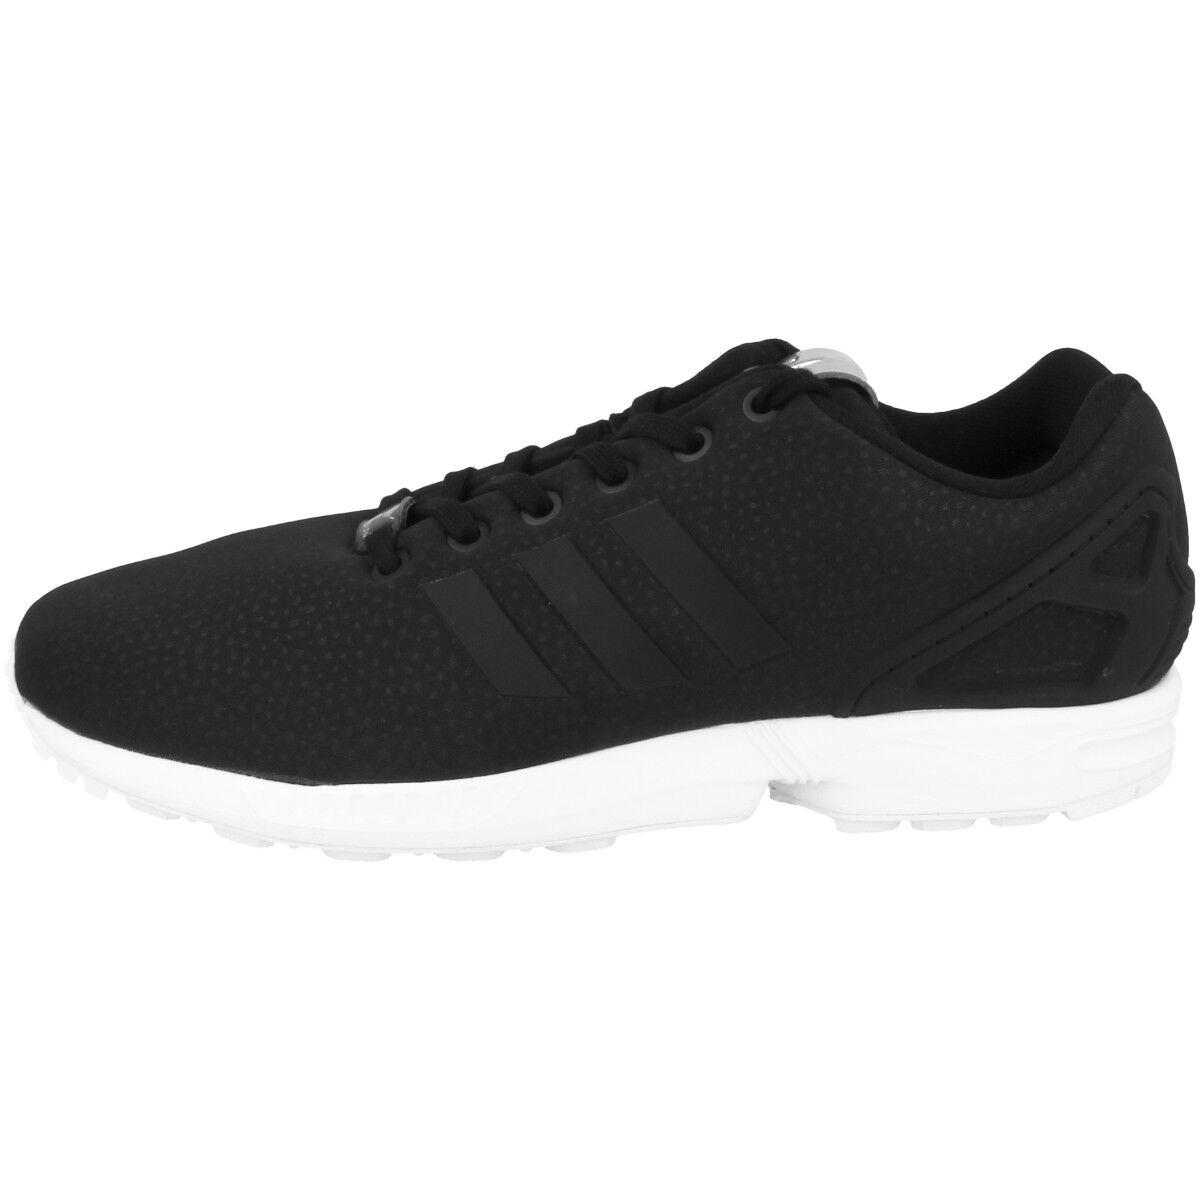 Adidas ZX Flux Damens silver Schuhe Damen Sneaker schwarz silver Damens Los Angeles ZX750 BY9215 03ec67